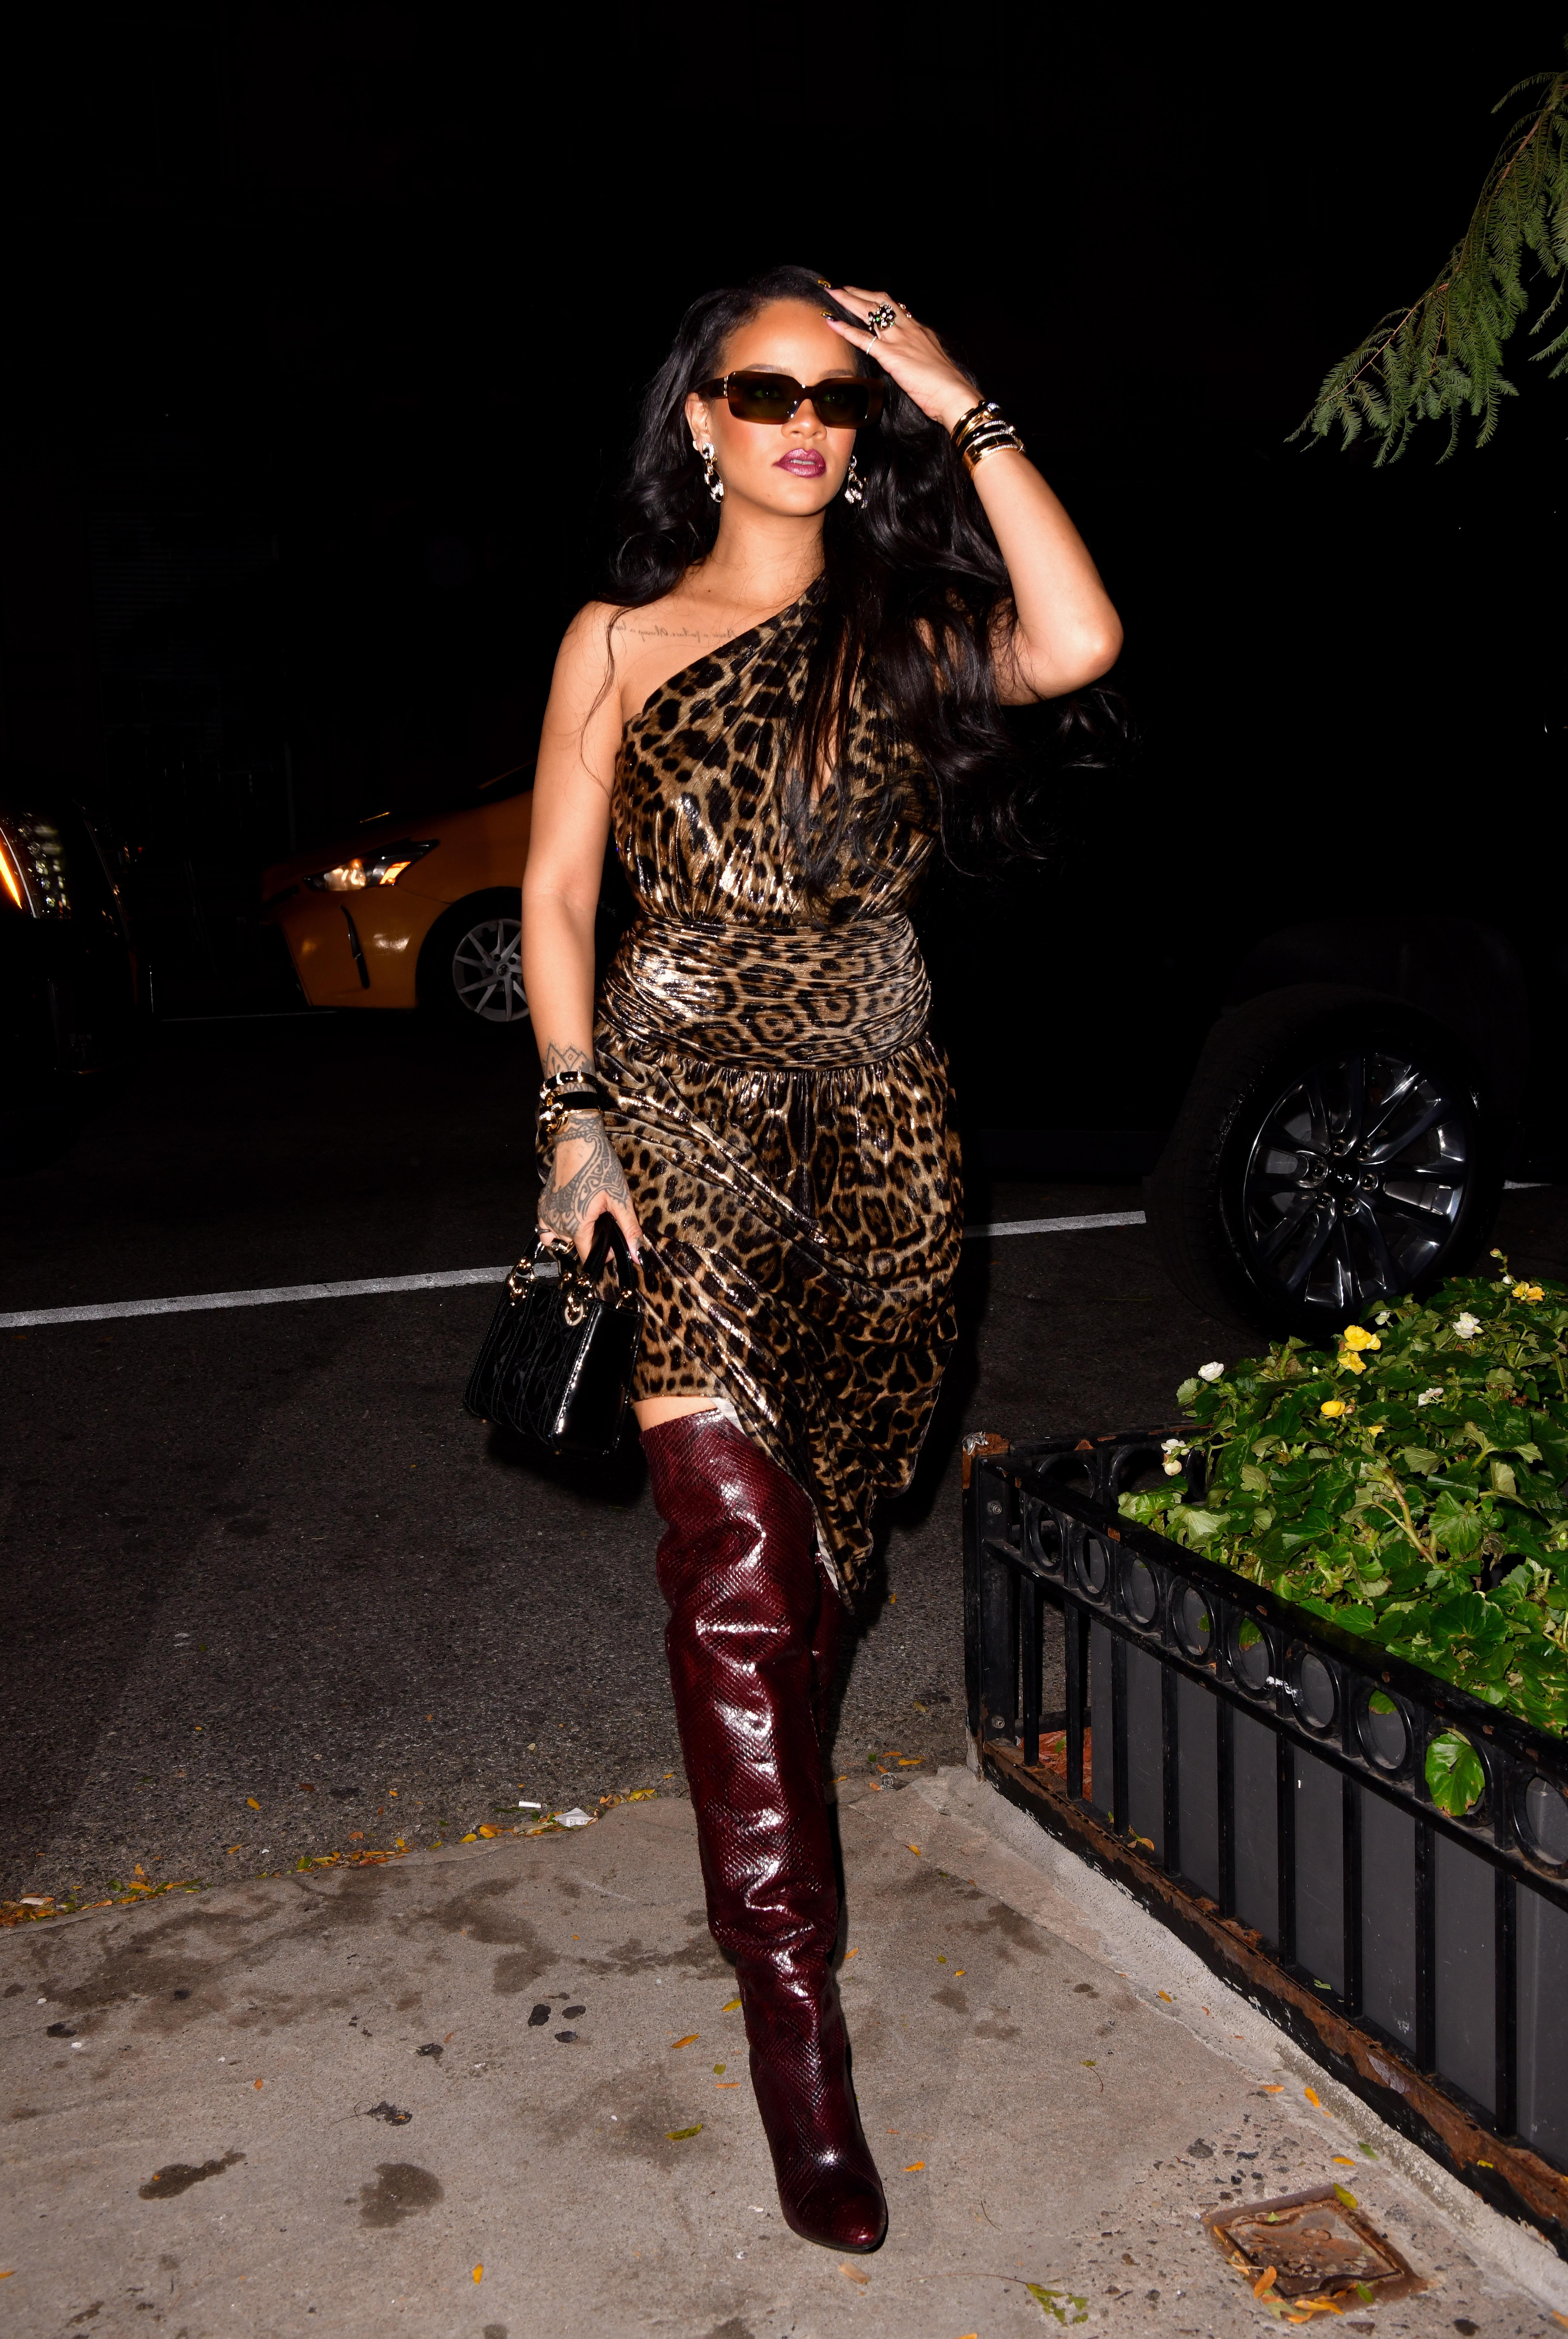 Rihanna ficou usando vestido de um ombro só com estampa de oncinha, bota over the knee bordô com estampa de cobra e óculos de sol de armação retangular. Ela está com uma das mãos no cabelo e a outra segurando uma bolsa preta.